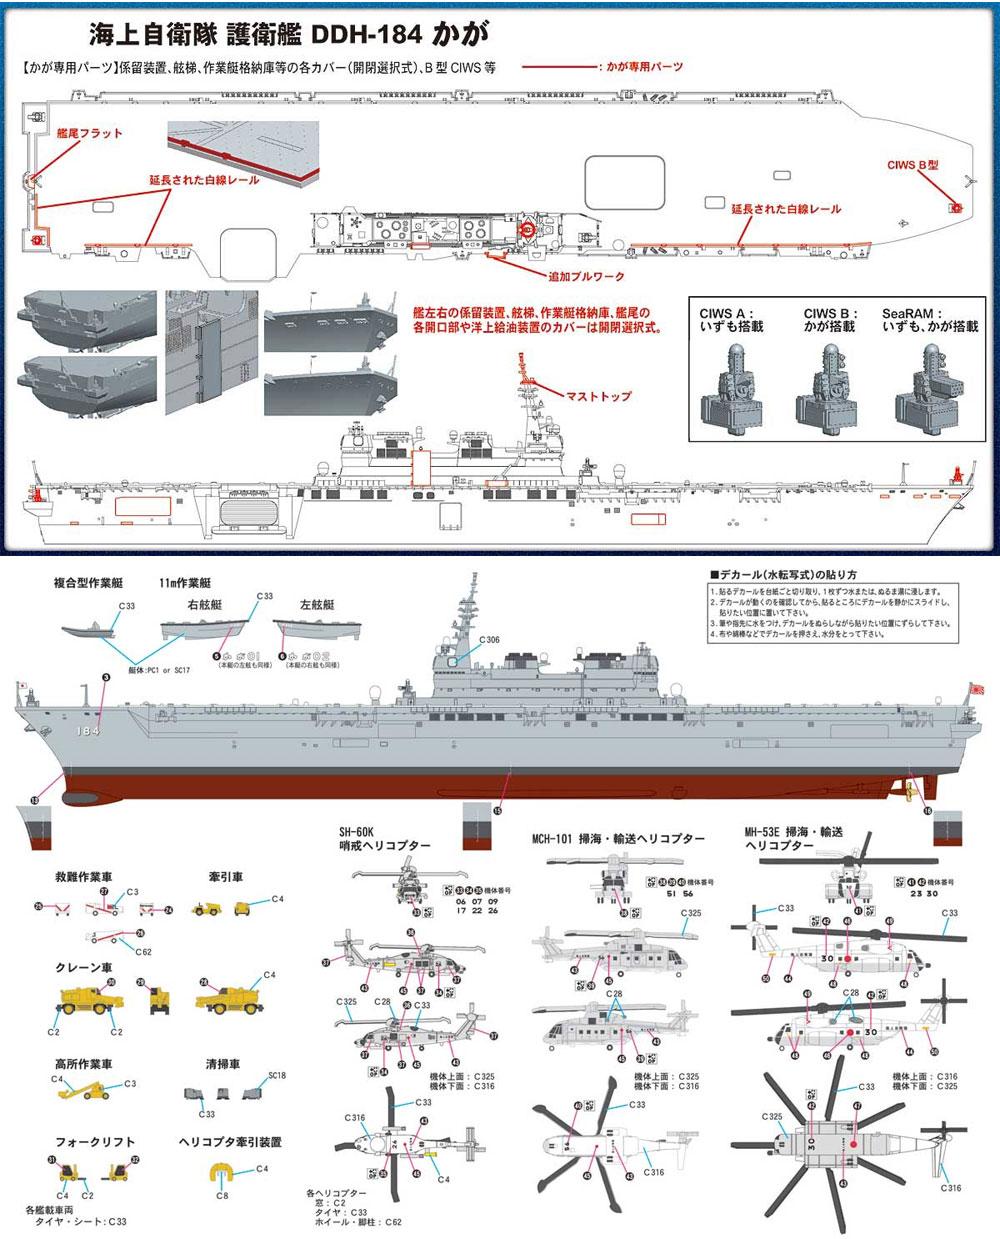 海上自衛隊 護衛艦 DDH-184 かがプラモデル(ピットロード1/700 塗装済み組み立てモデル (JP-×)No.JP-012)商品画像_4